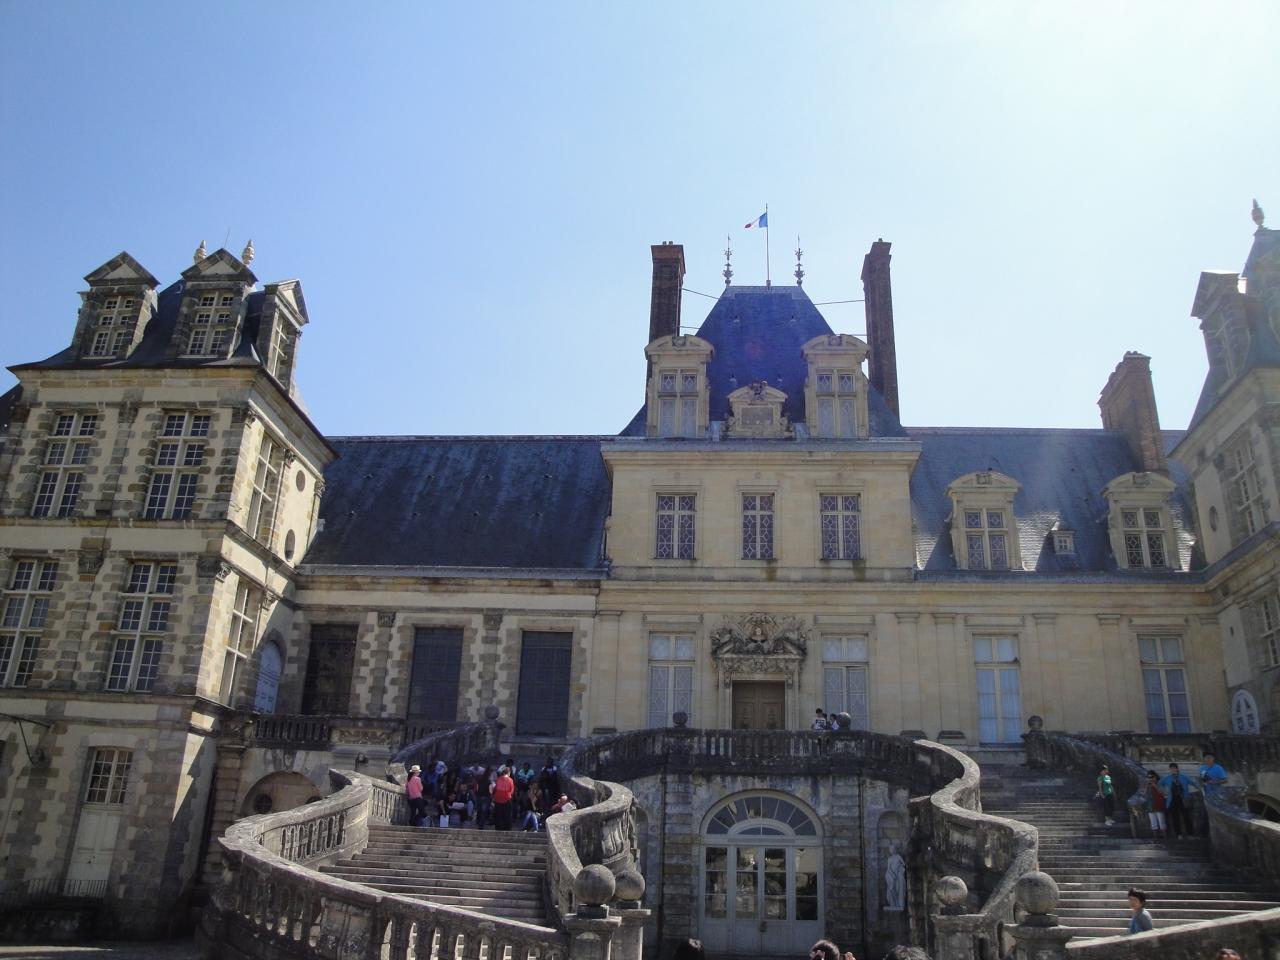 フォンテーヌブロー宮殿の画像 p1_28